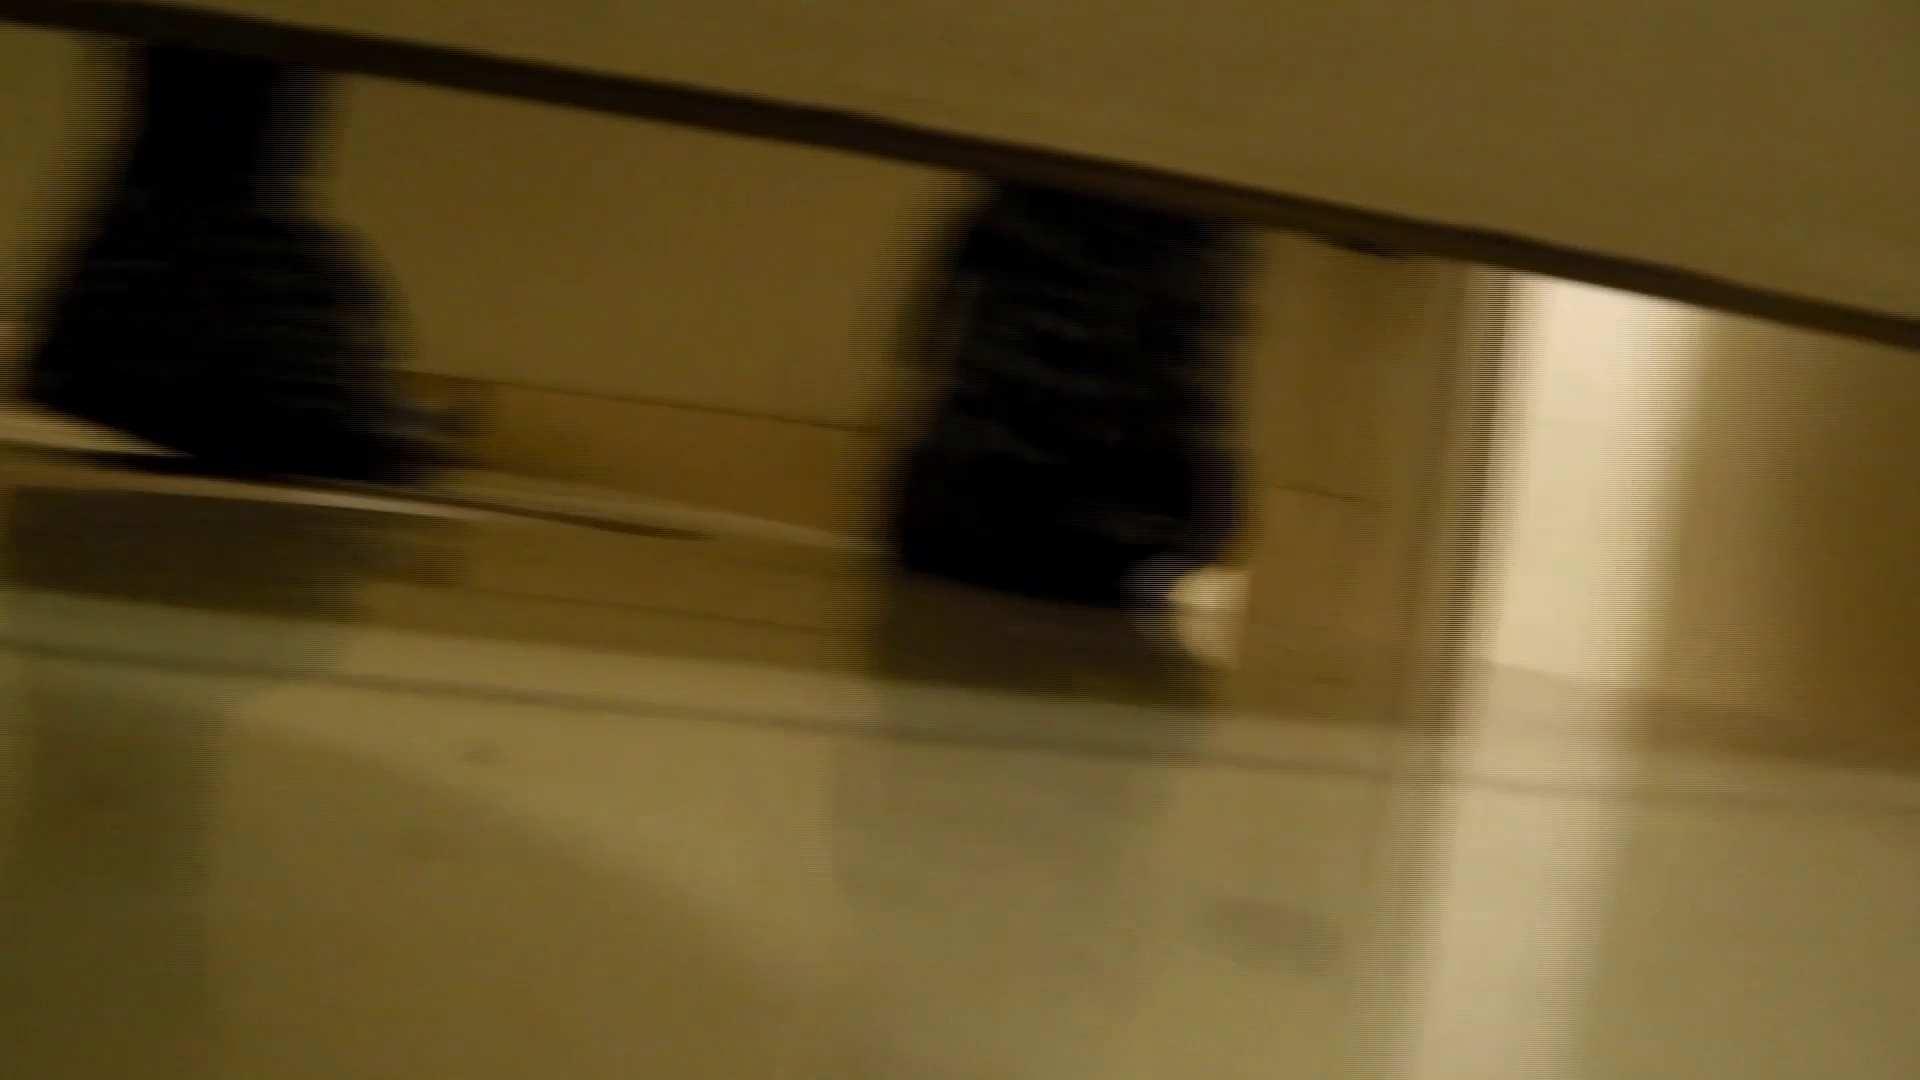 新世界の射窓 No78 トリンドル 玲奈似登場シリーズ美女率最高作! ギャル | 洗面所  65画像 39